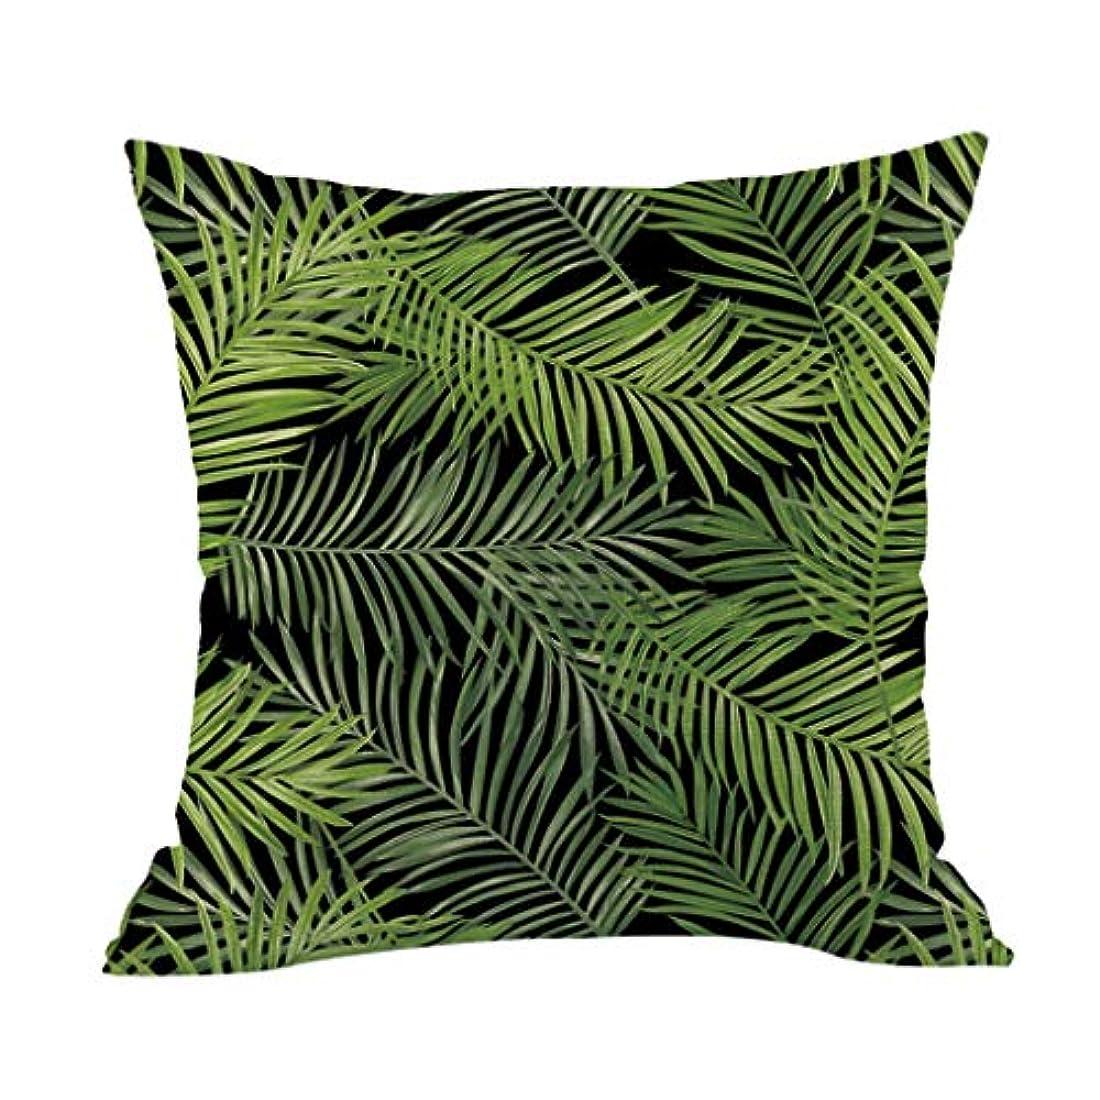 屋内で売り手みなすLIFE 高品質クッション熱帯植物ポリエステル枕ソファ投げるパッドセットホーム人格クッション coussin decoratif クッション 椅子